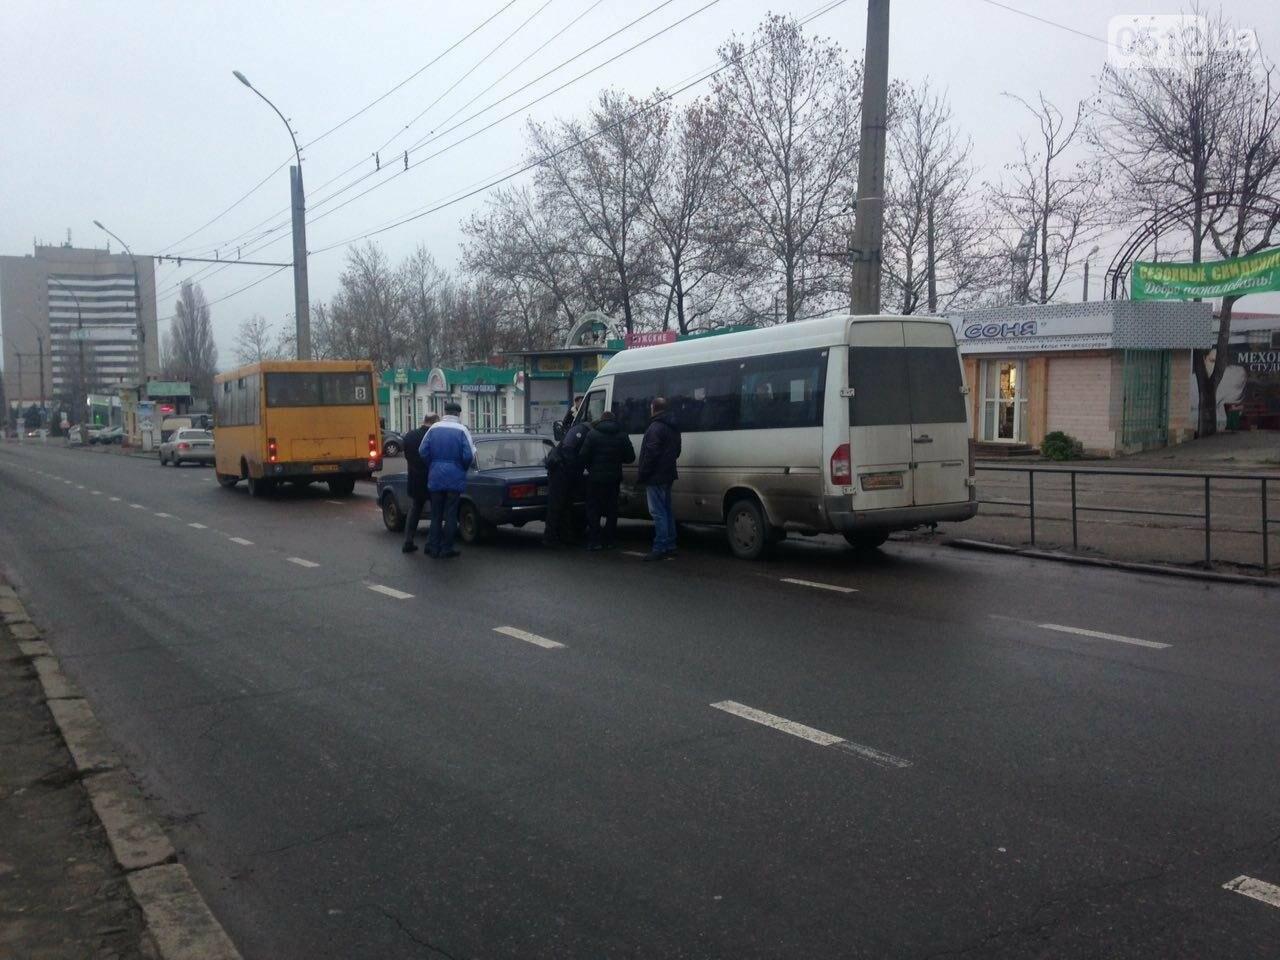 Возле Центрального стадиона в Николаеве маршрутка с пассажирами столкнулась с ВАЗом, - ФОТО, фото-4